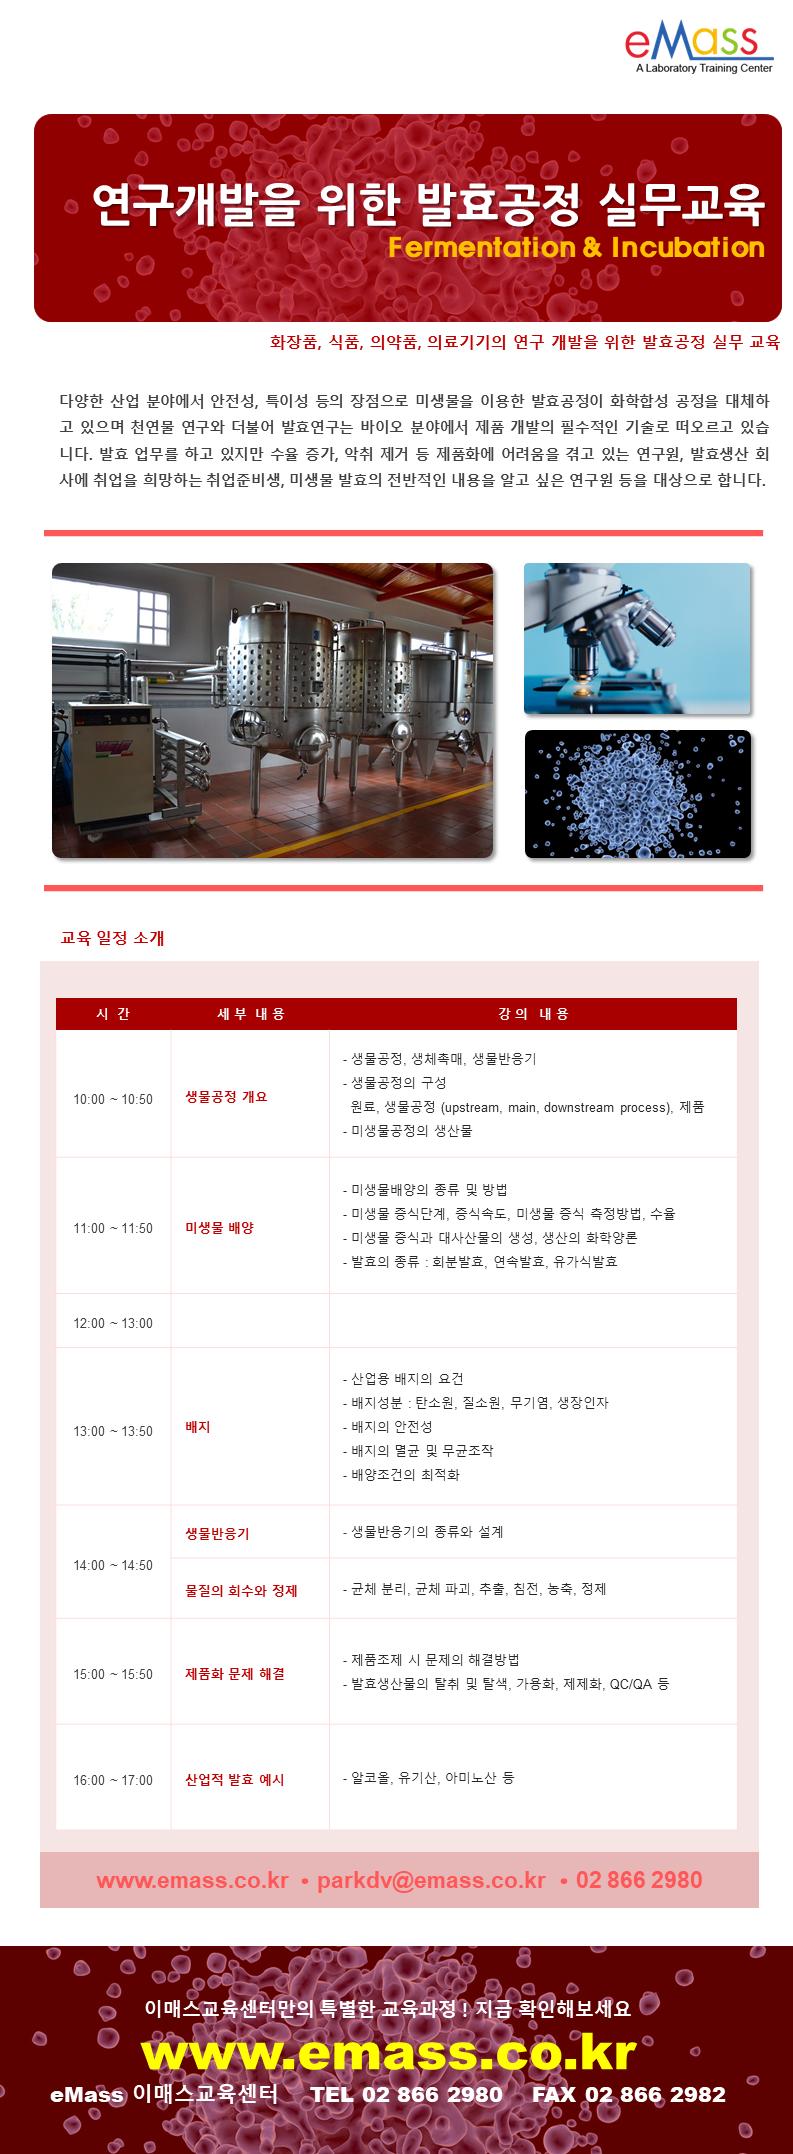 연구개발을 위한 발효공정 실무교육.png